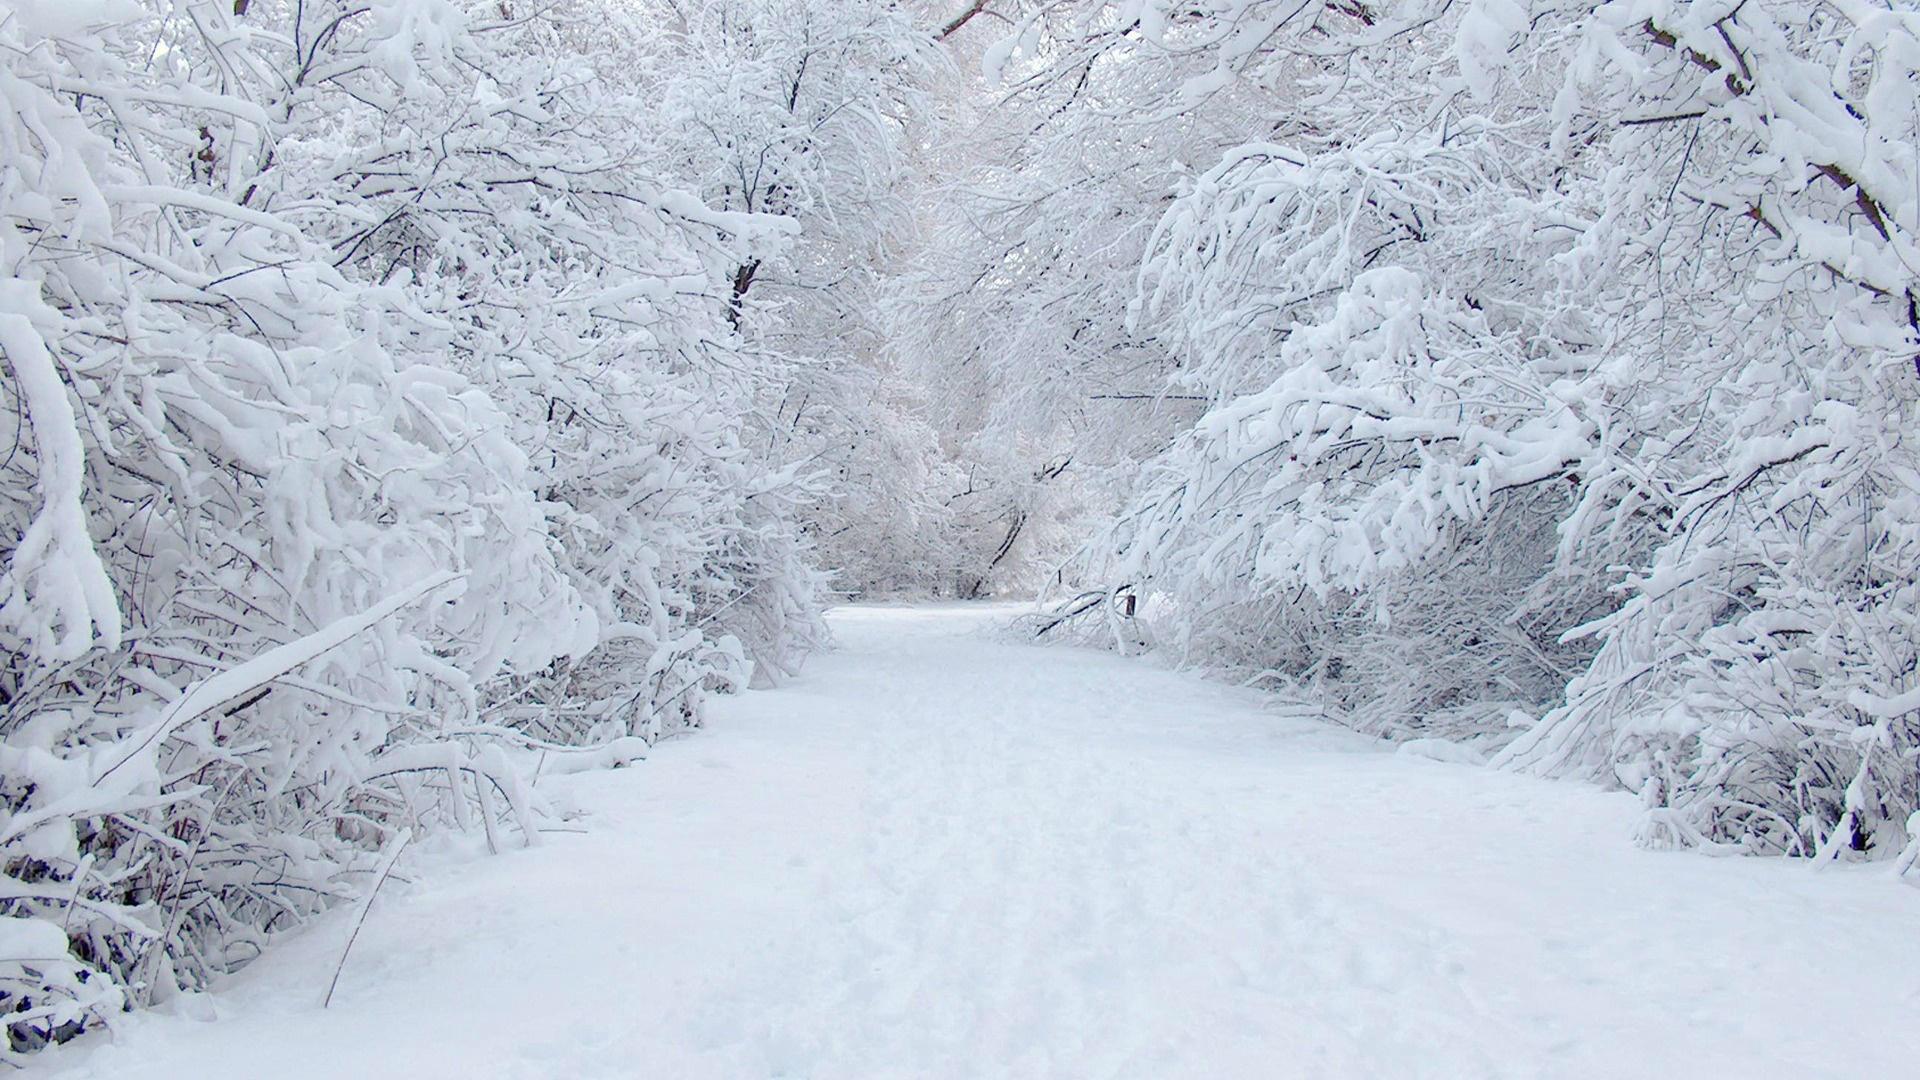 Winter Snow Wallpaper Hd 19201080 23180 HD Wallpaper Res 1920x1080 1920x1080